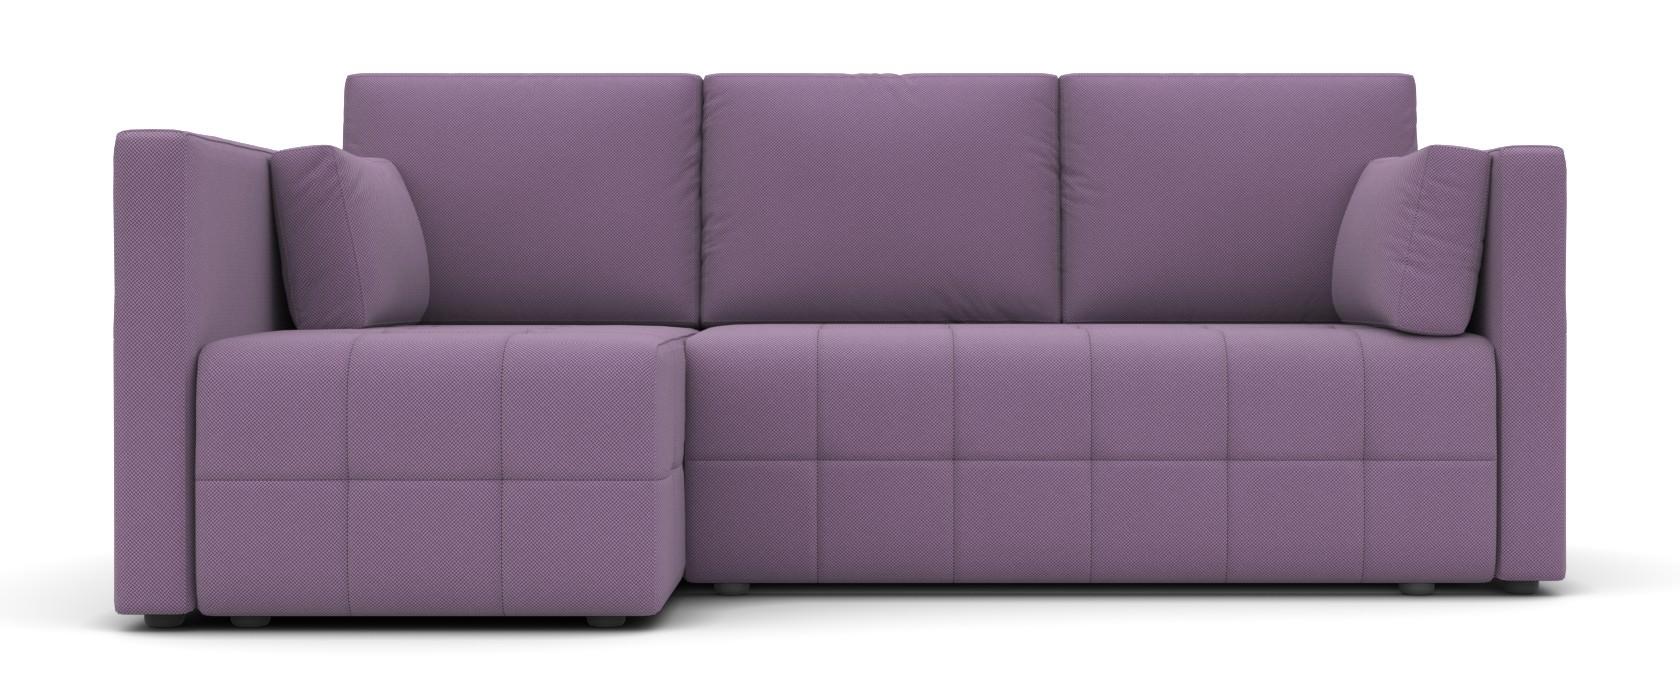 Угловой диван Sofia - Pufetto